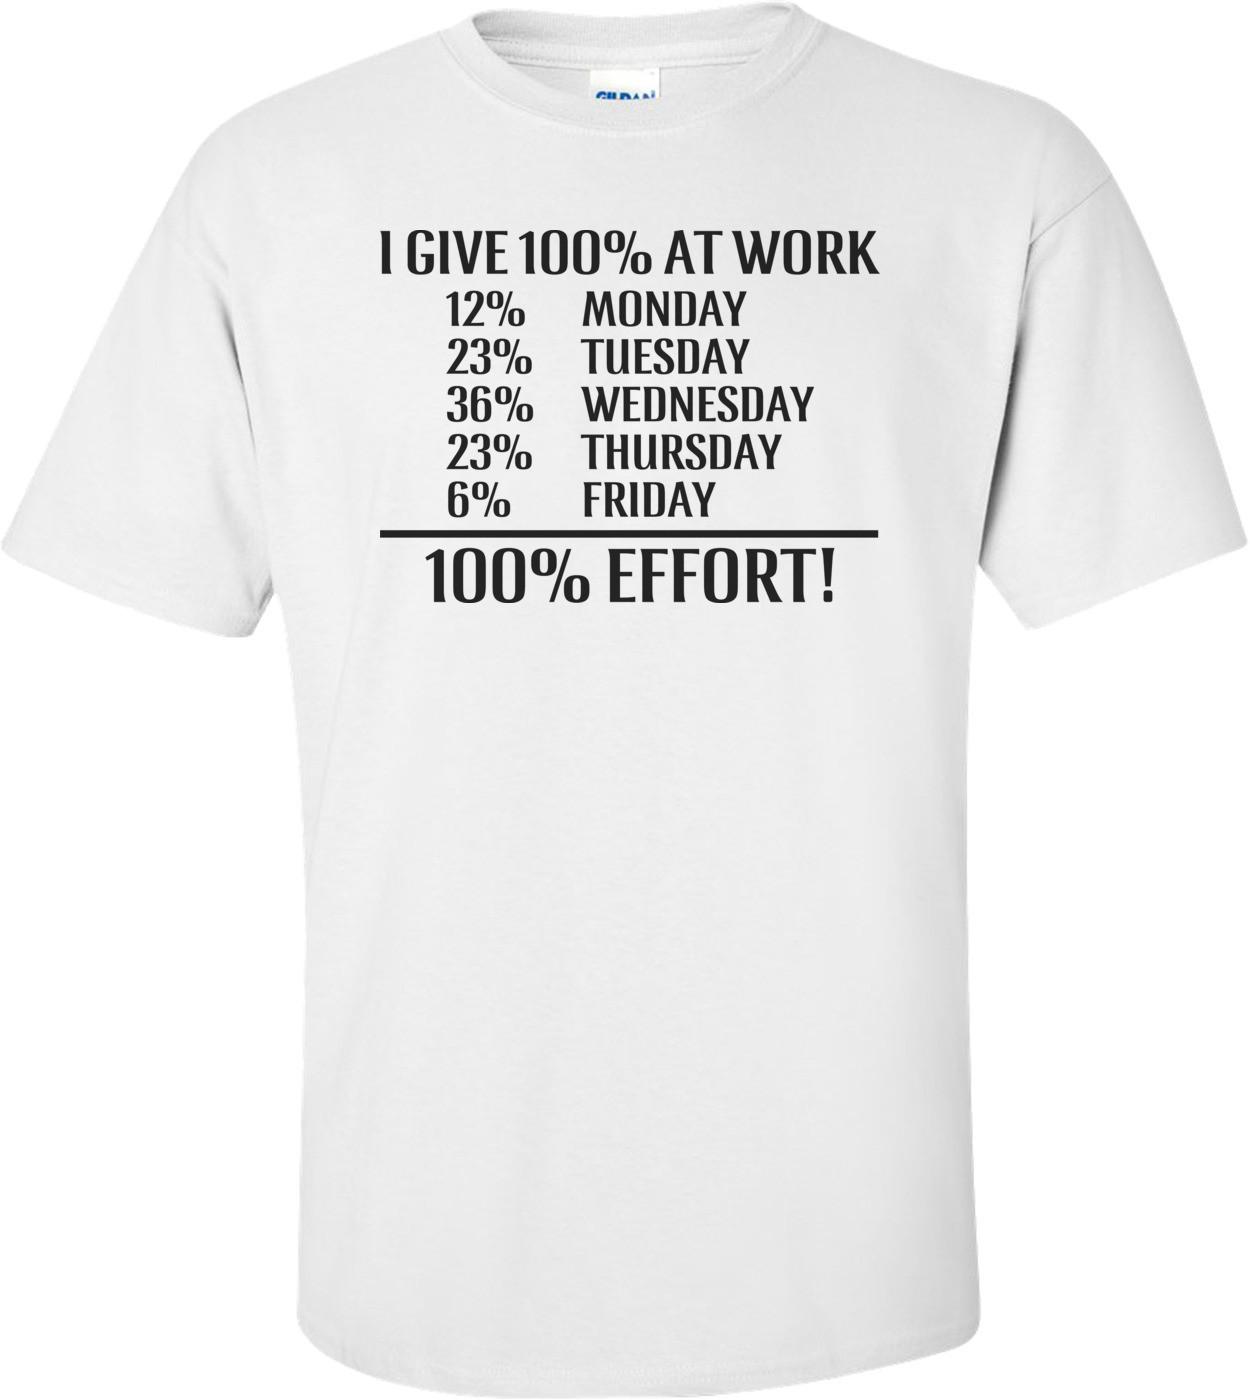 I Give 100% At Work Shirt